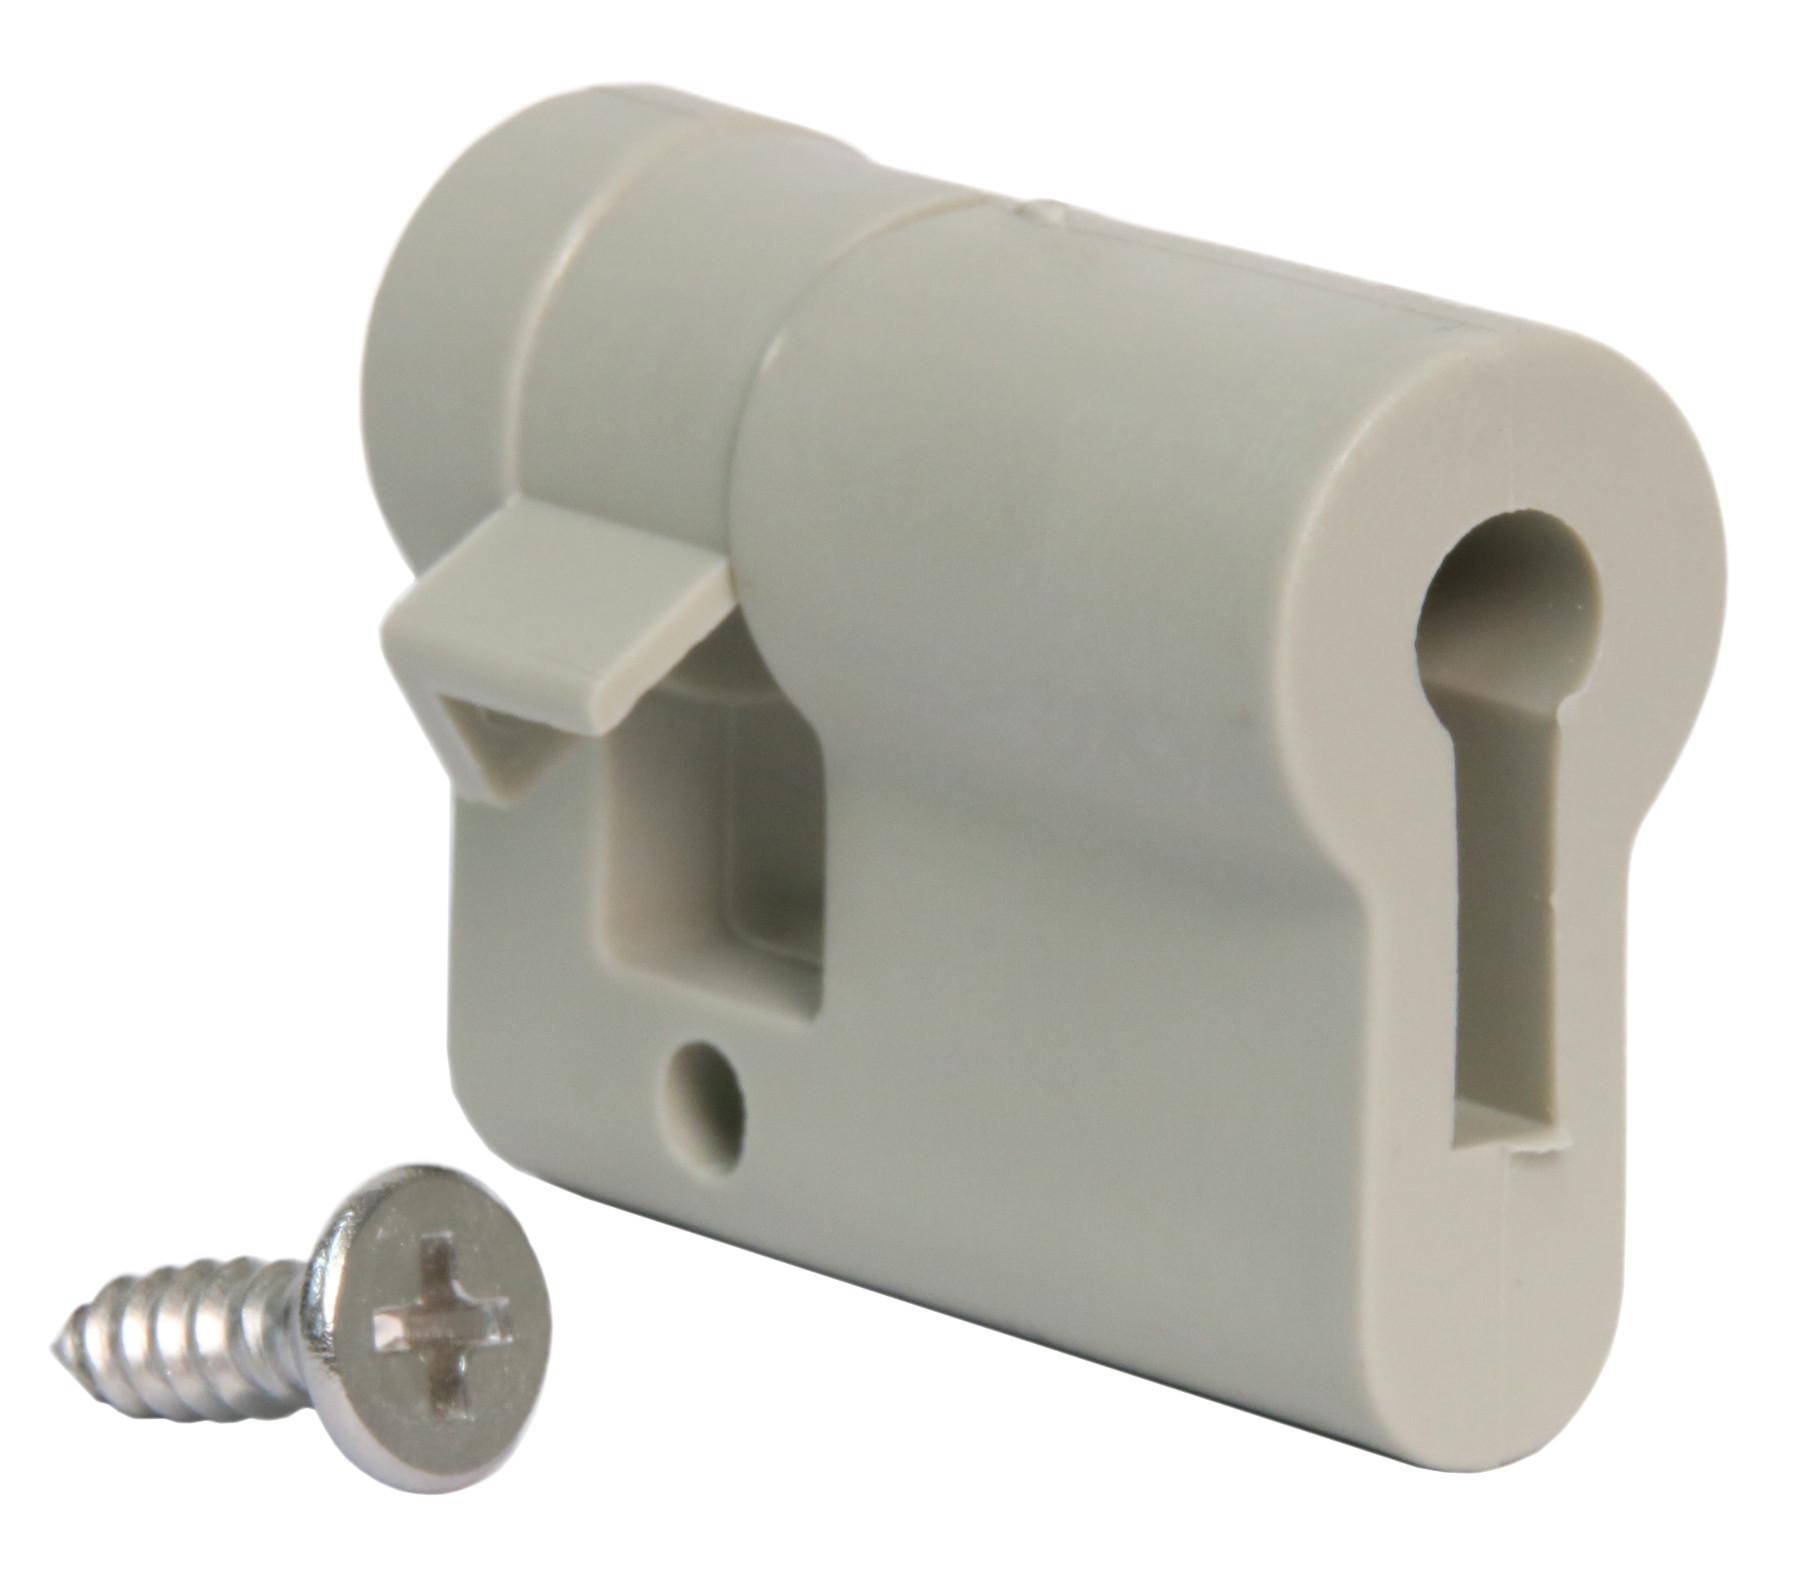 1 Stk Einbauhalbzylinder 61005 aus Kunststoff IG714049--